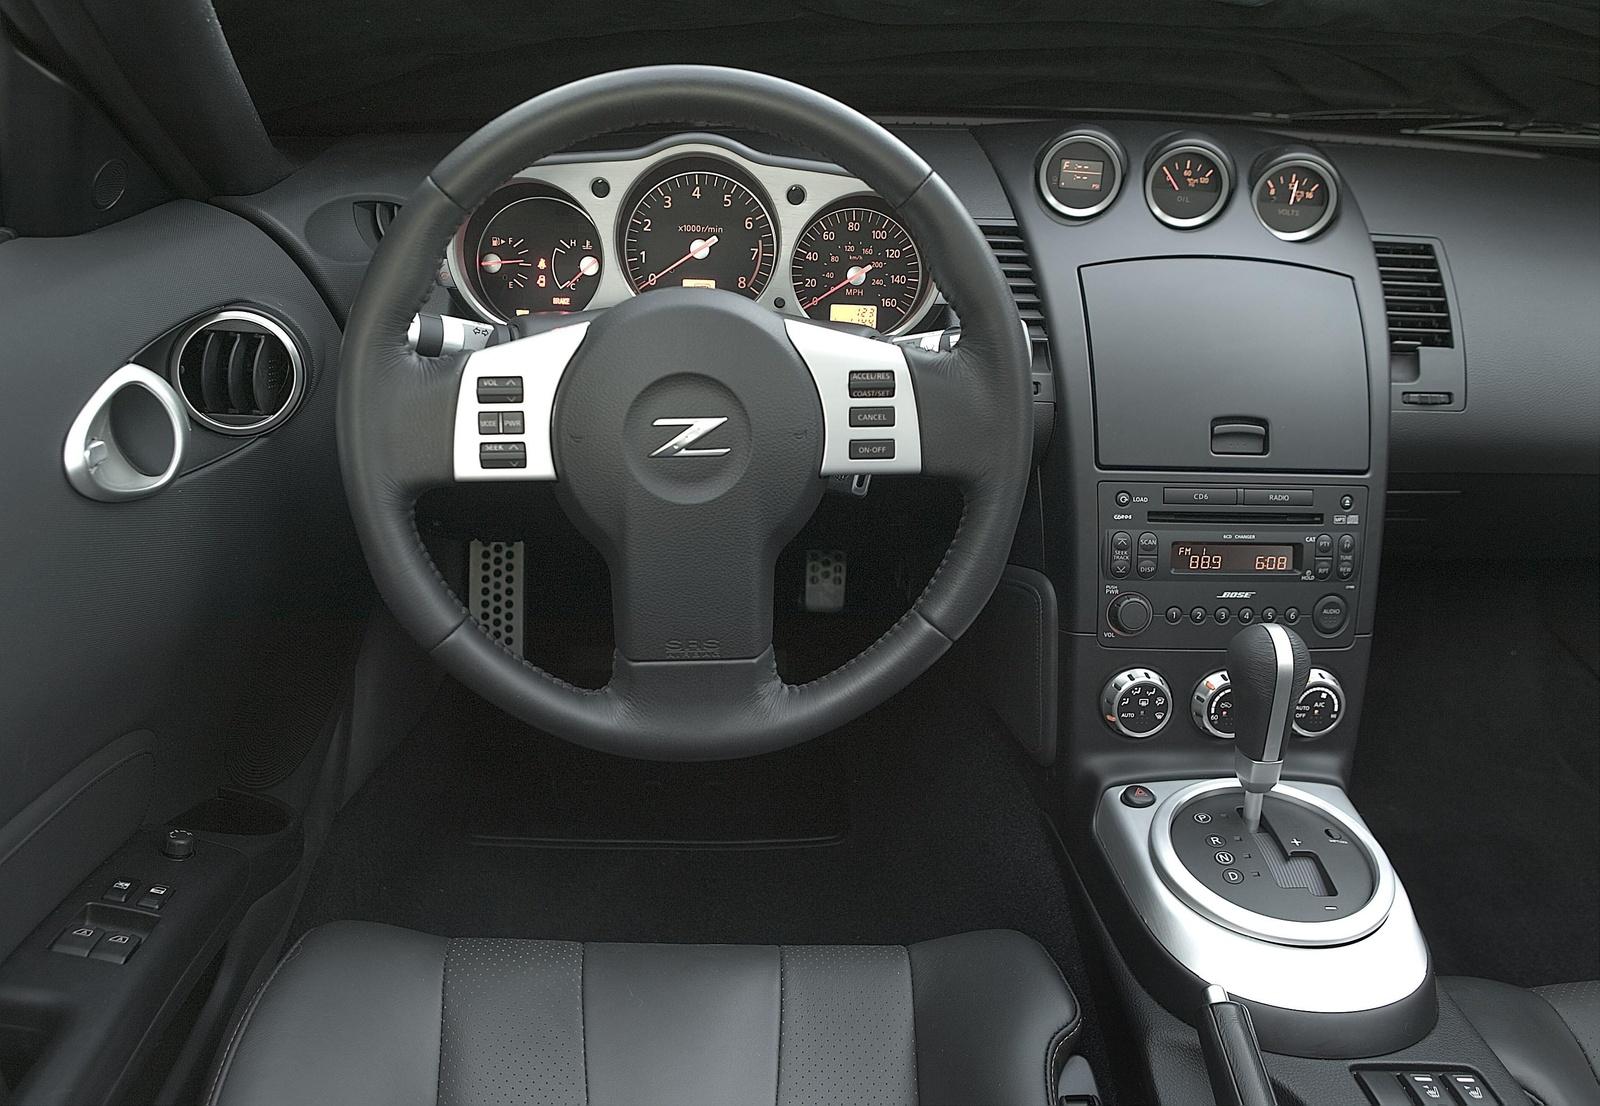 2003 nissan 350z interior. 350z interior image 2003 nissan 350z n